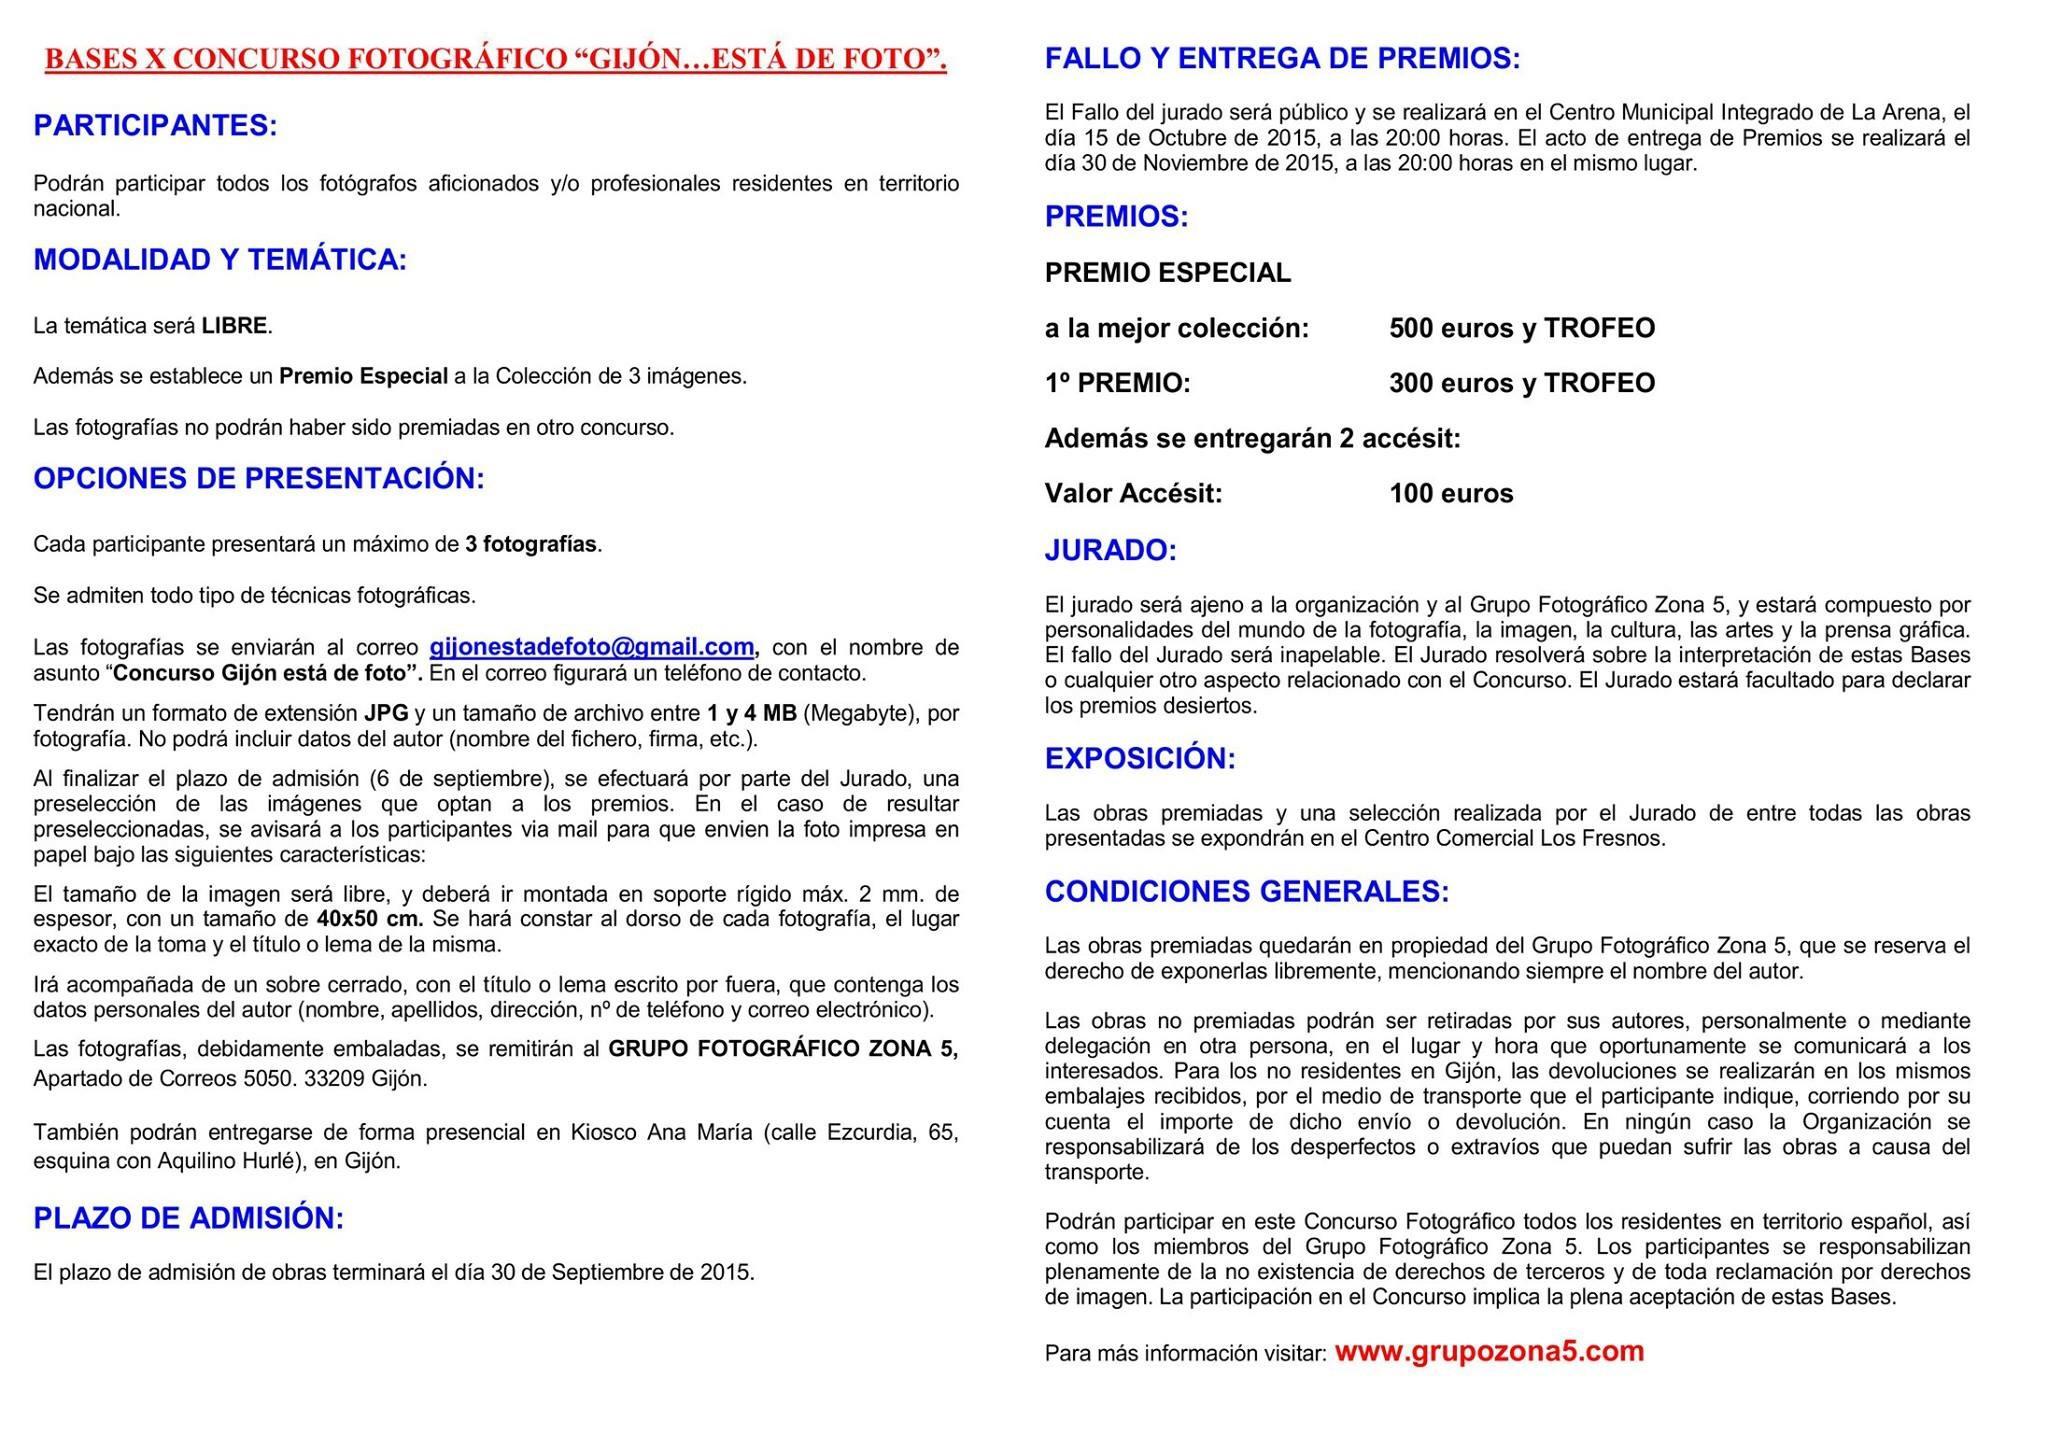 Opendata Gijón